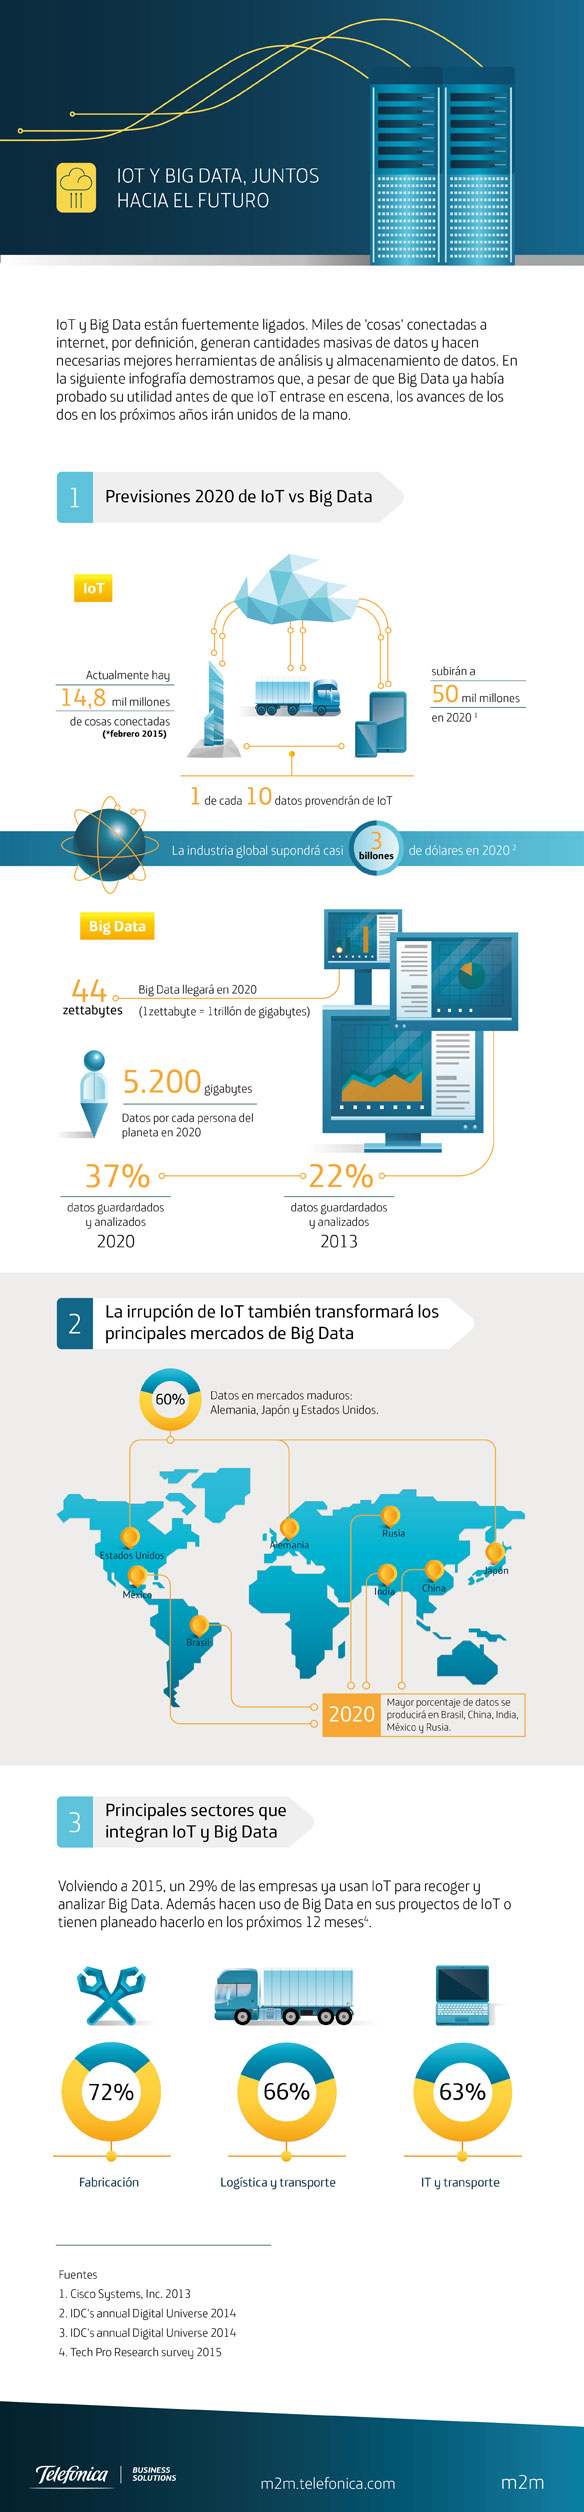 Internet de las cosas y Big Data de la mano